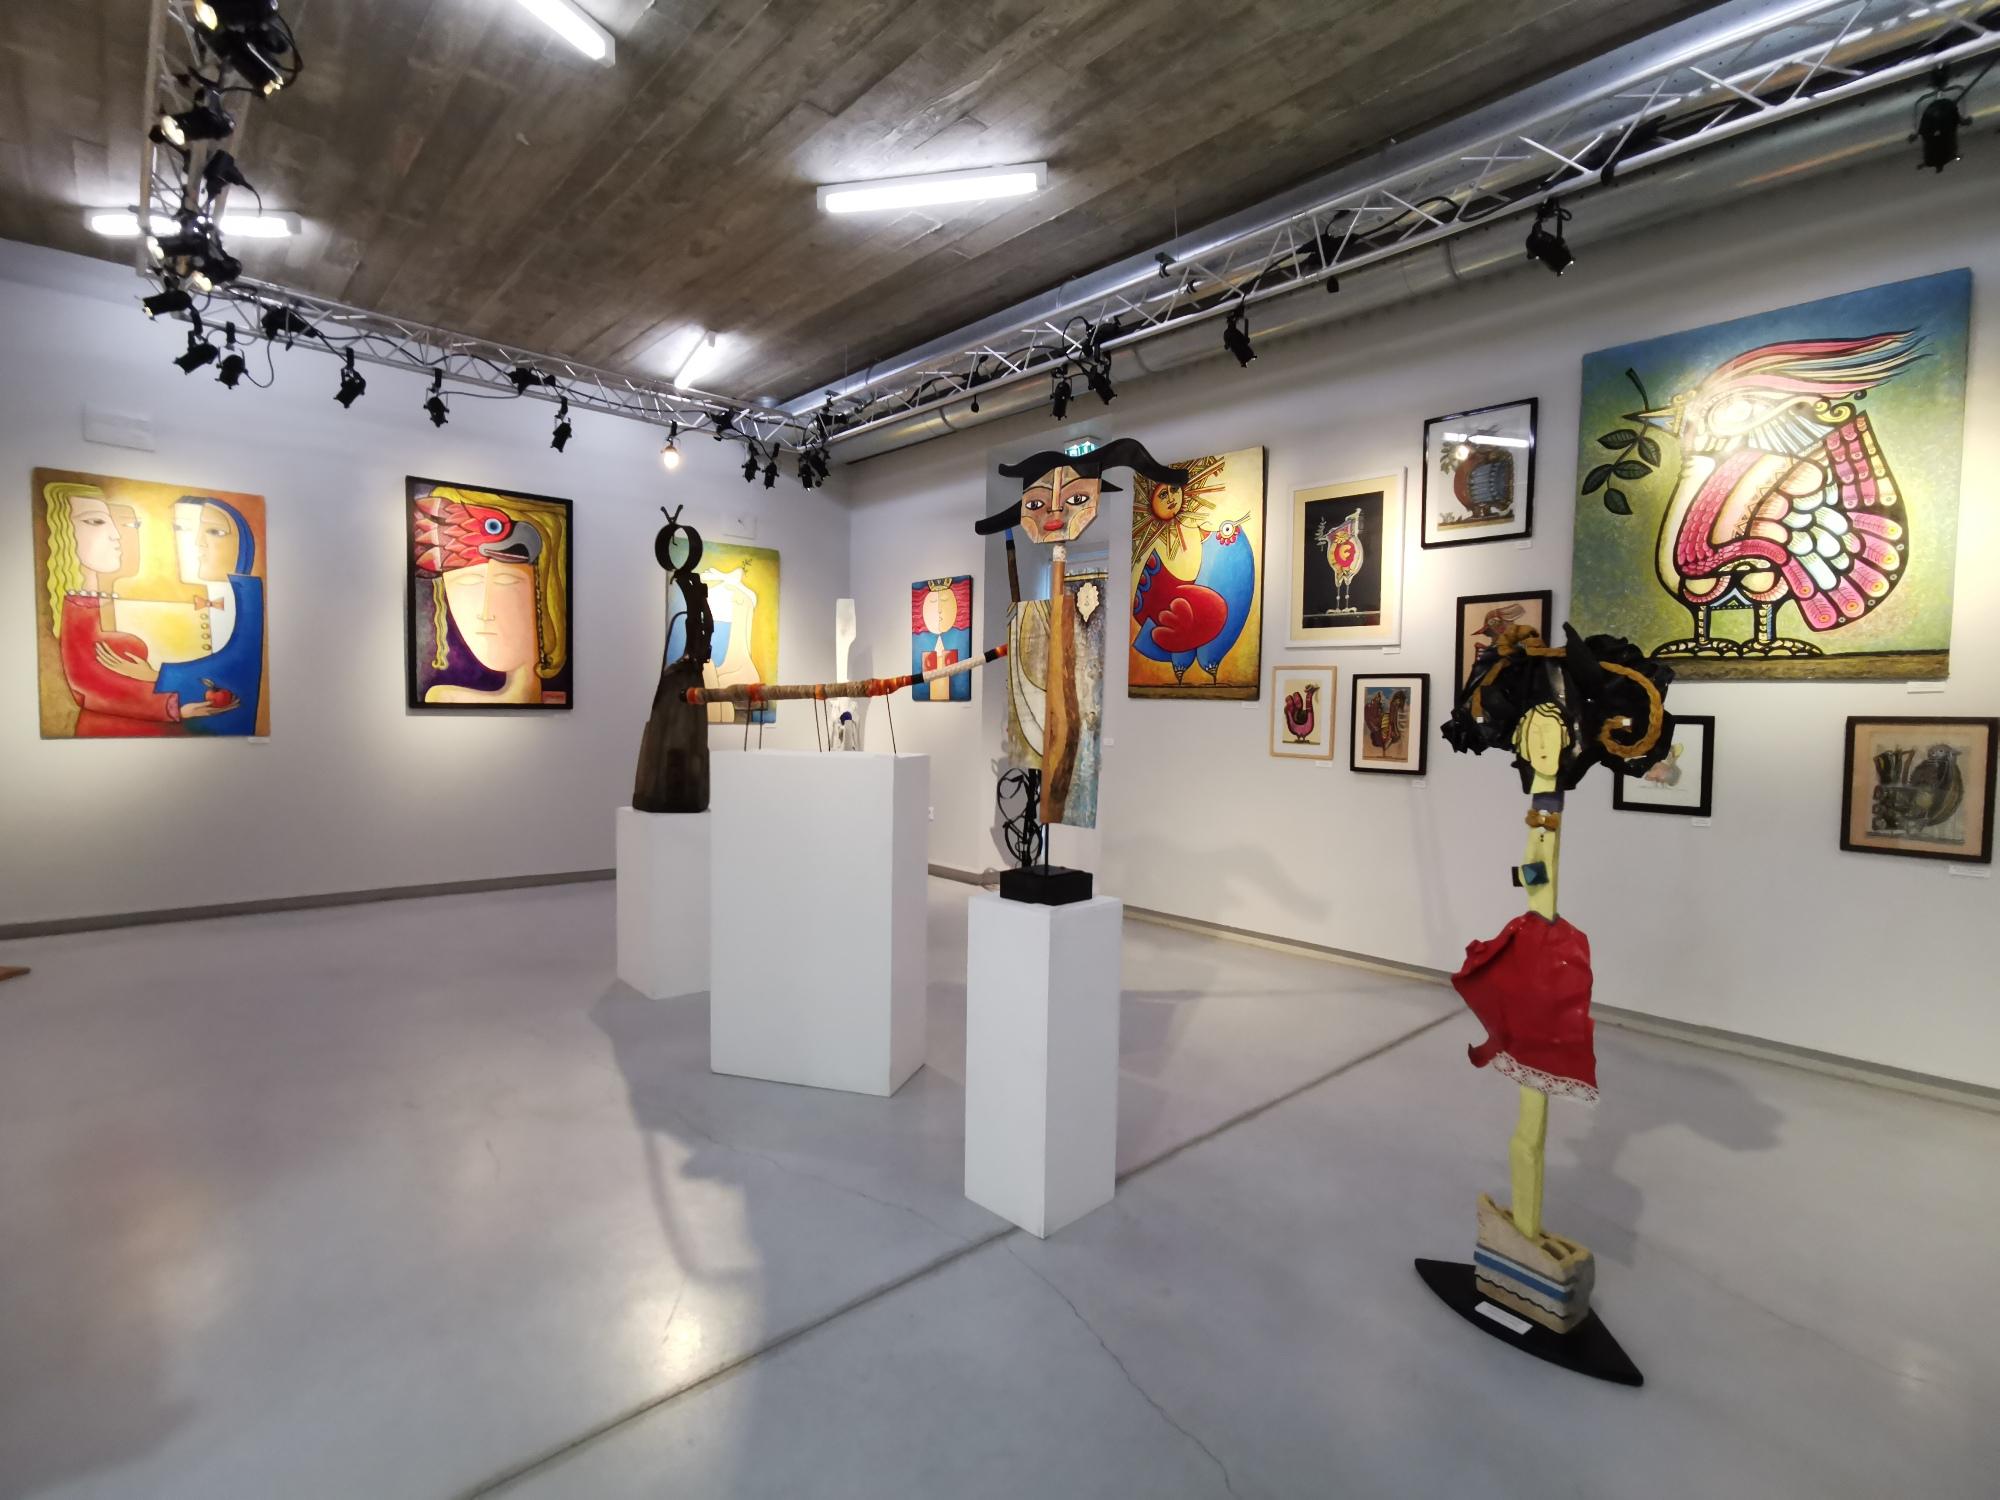 essarts espace arts et cultures bram aude expo exposition art photo